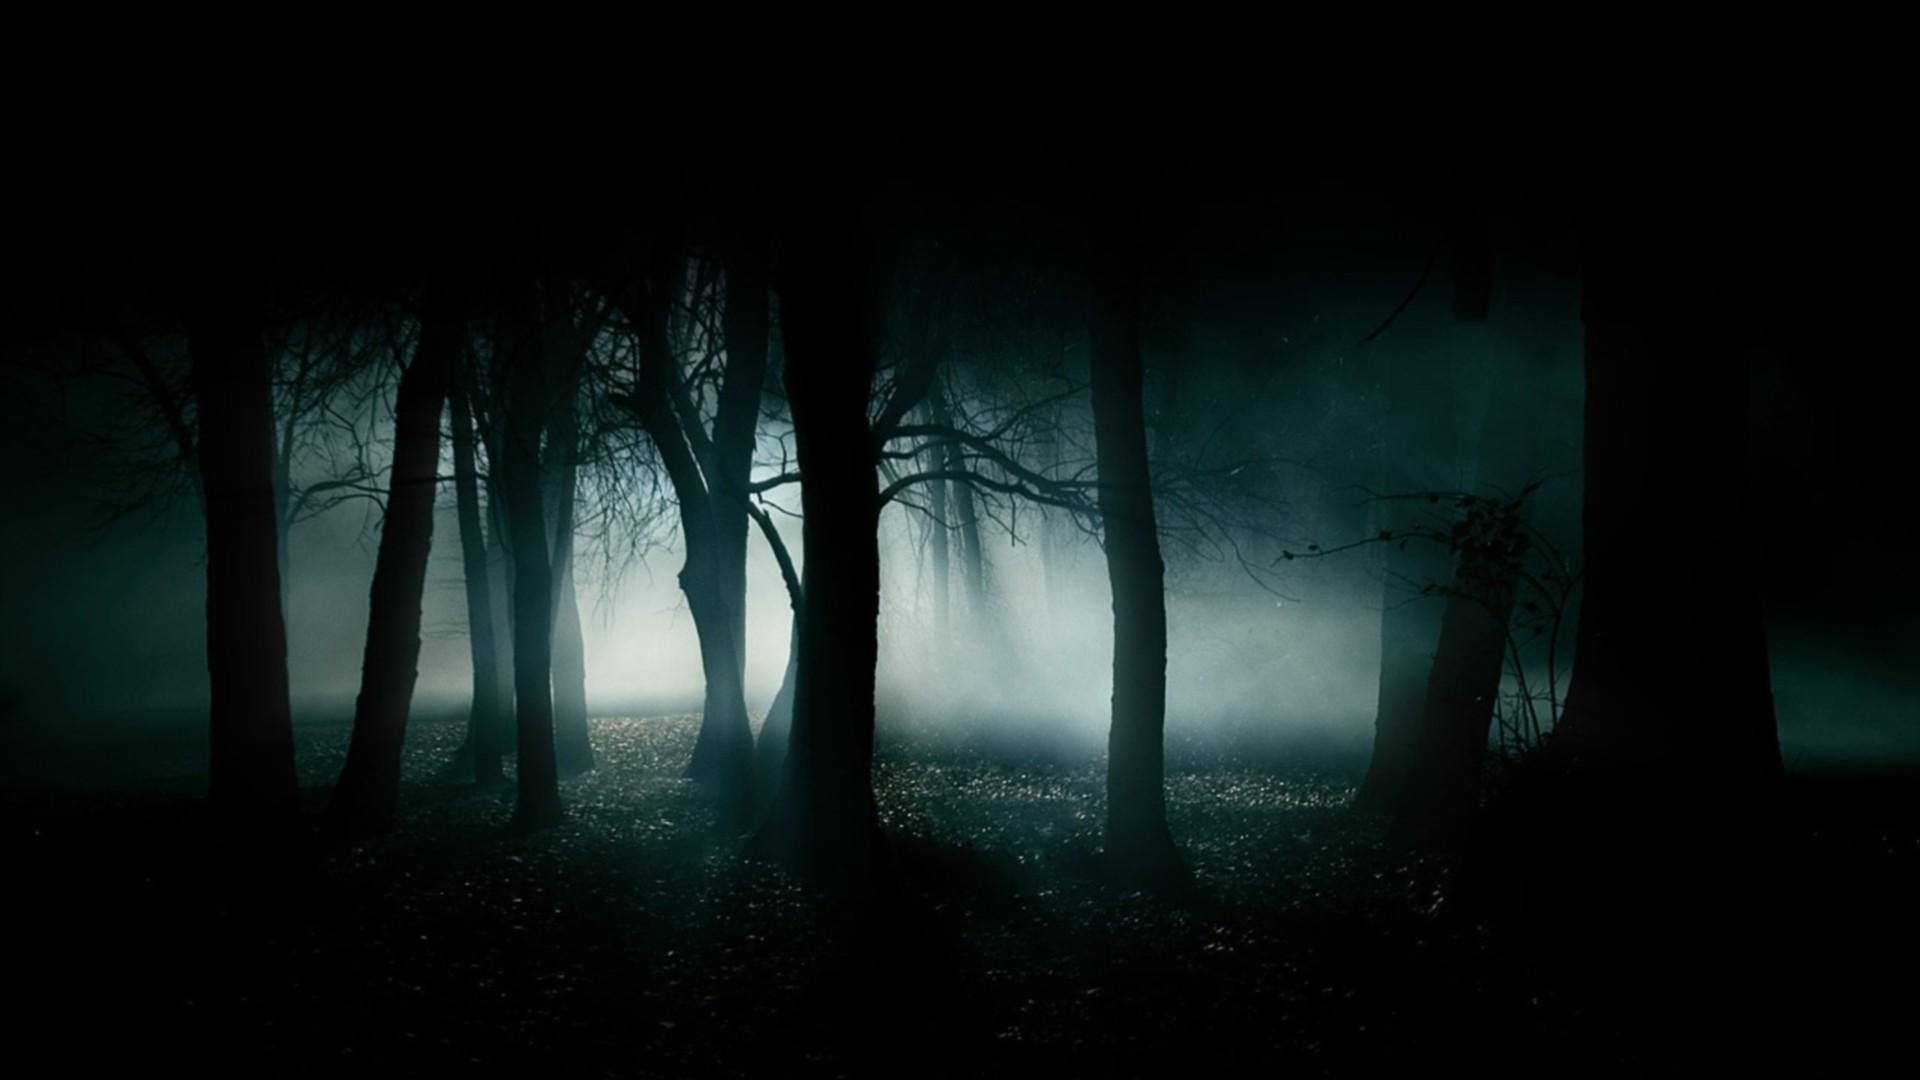 1920x1080 Dark Forest Wallpaper